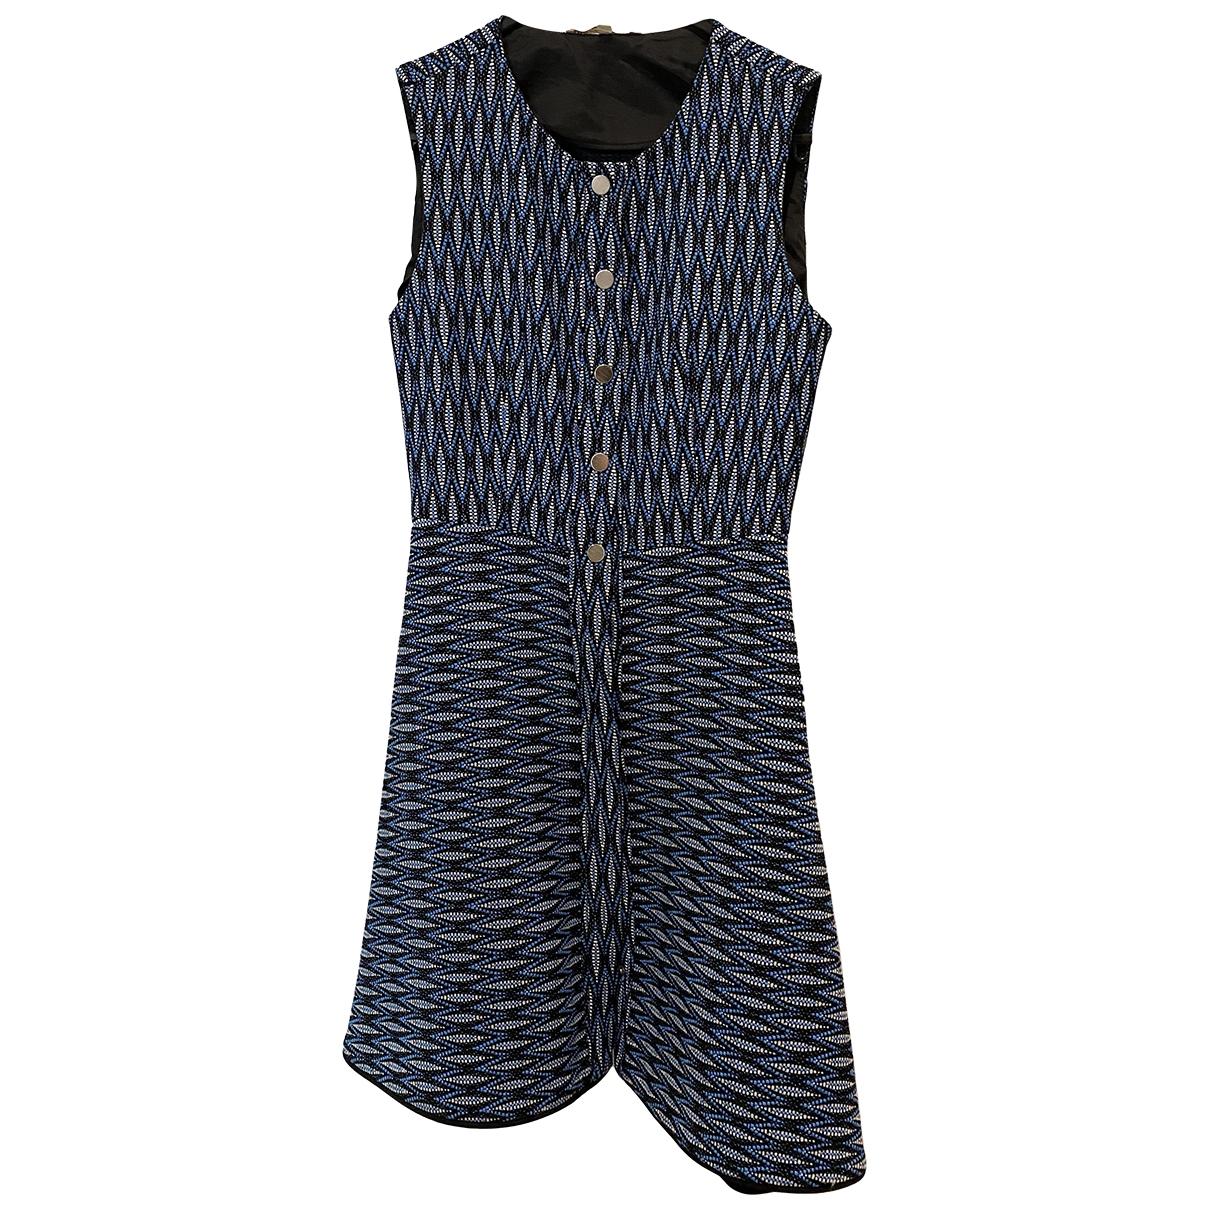 Sandro \N Blue Cotton - elasthane dress for Women 36 FR